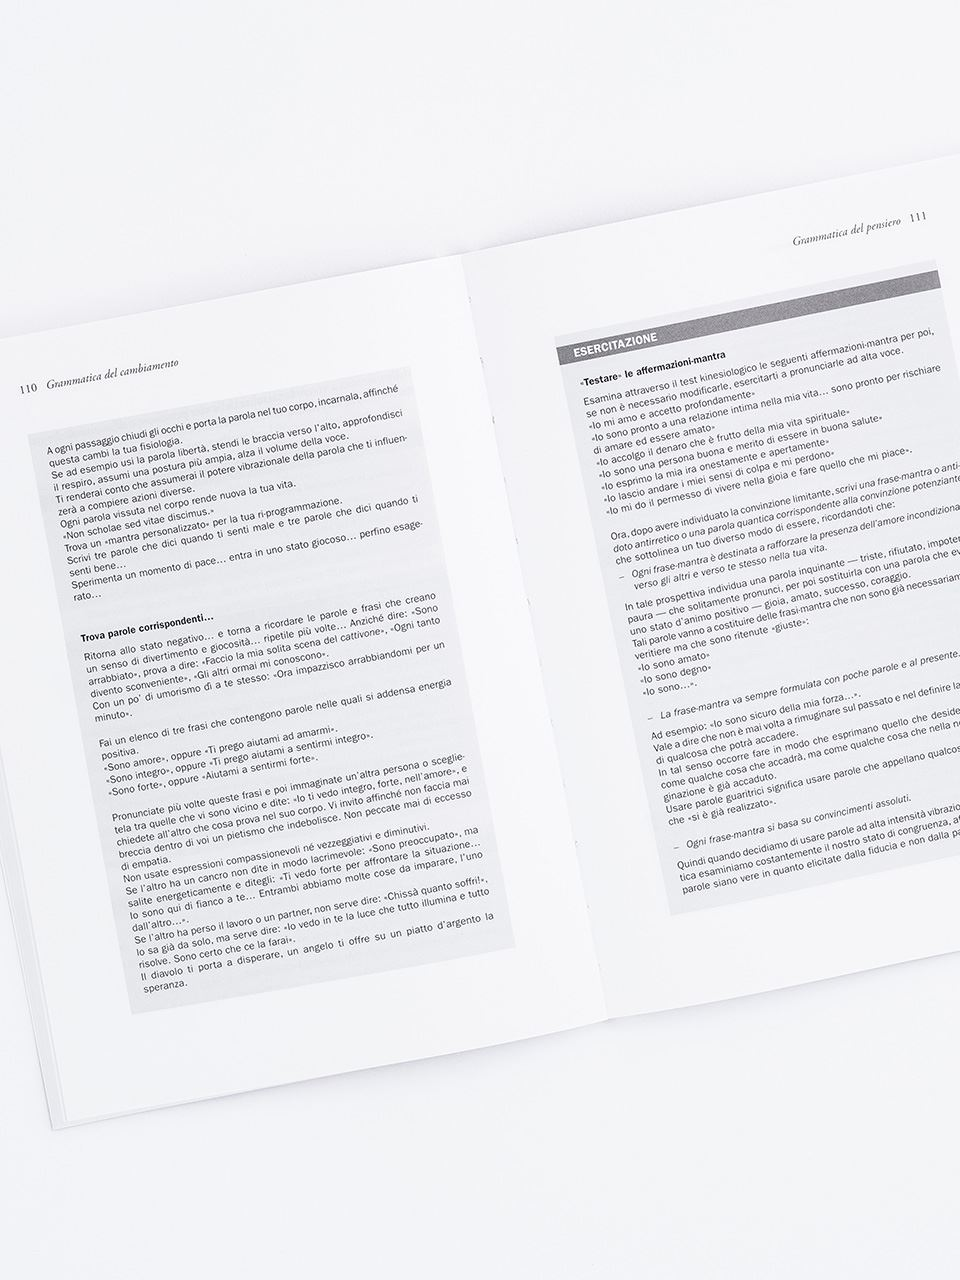 Grammatica del cambiamento - Libri - Erickson 2